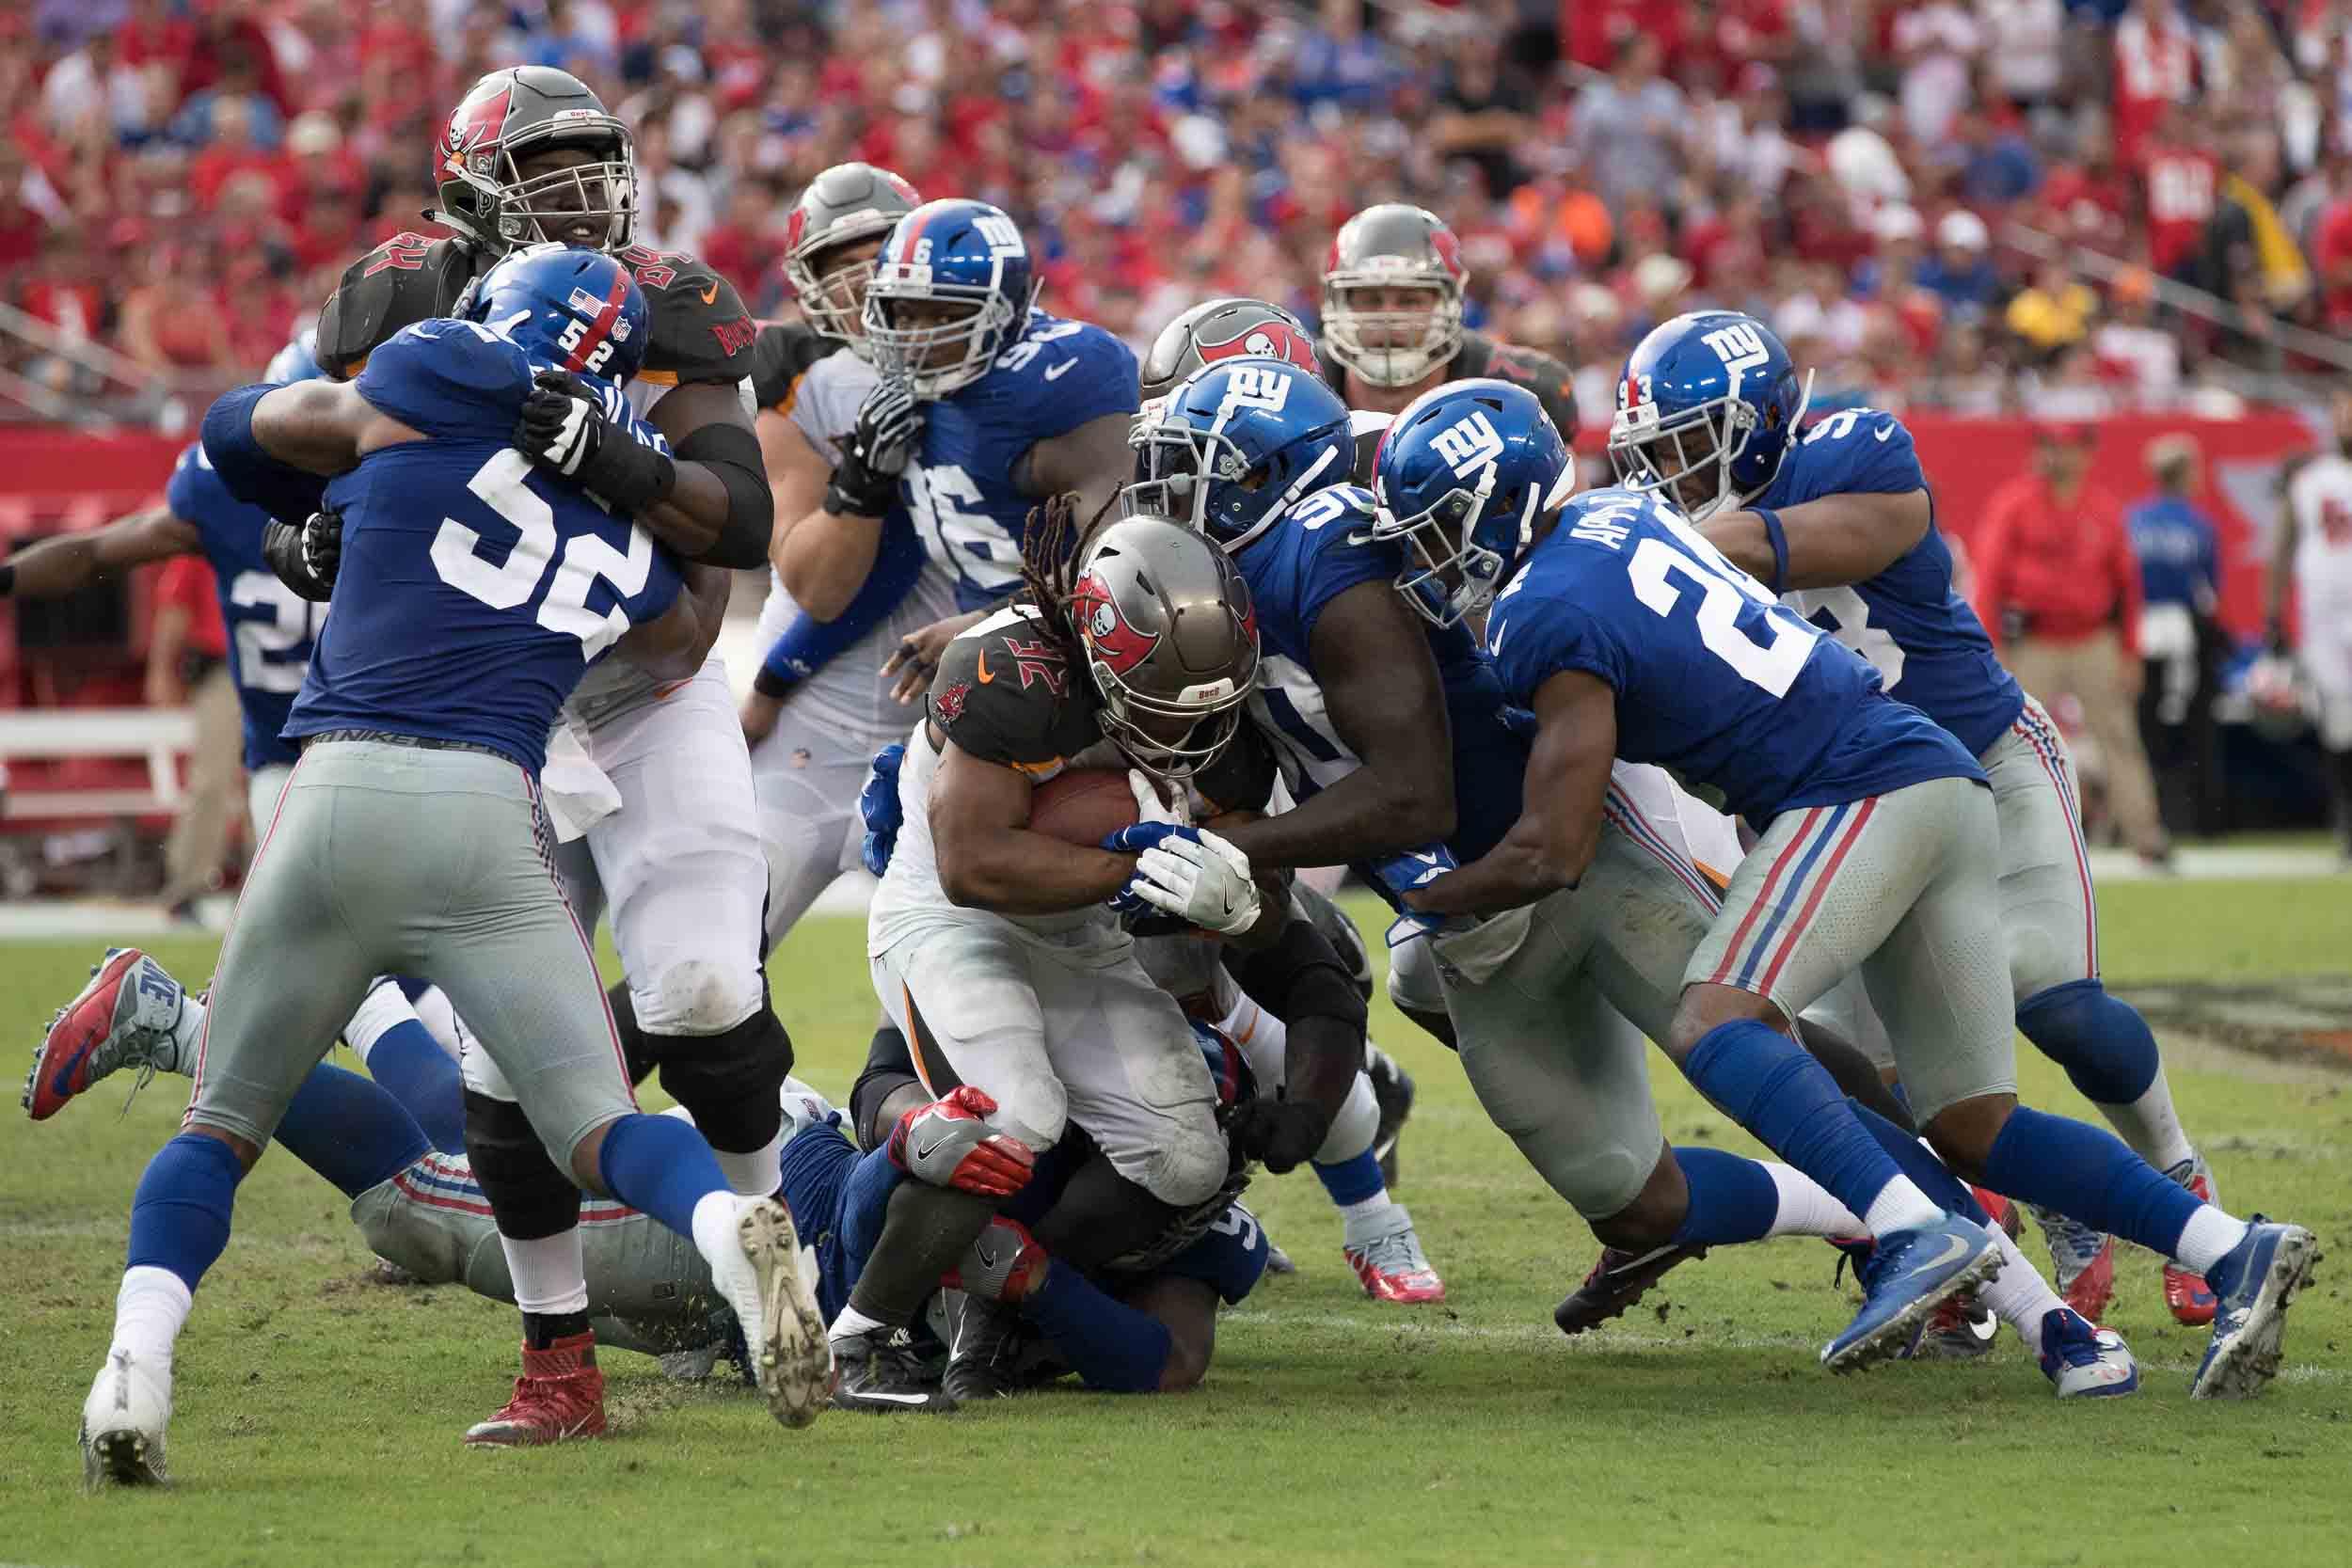 Pierre-Paul makes a tackle against the Bucs./STEVEN MUNCIE